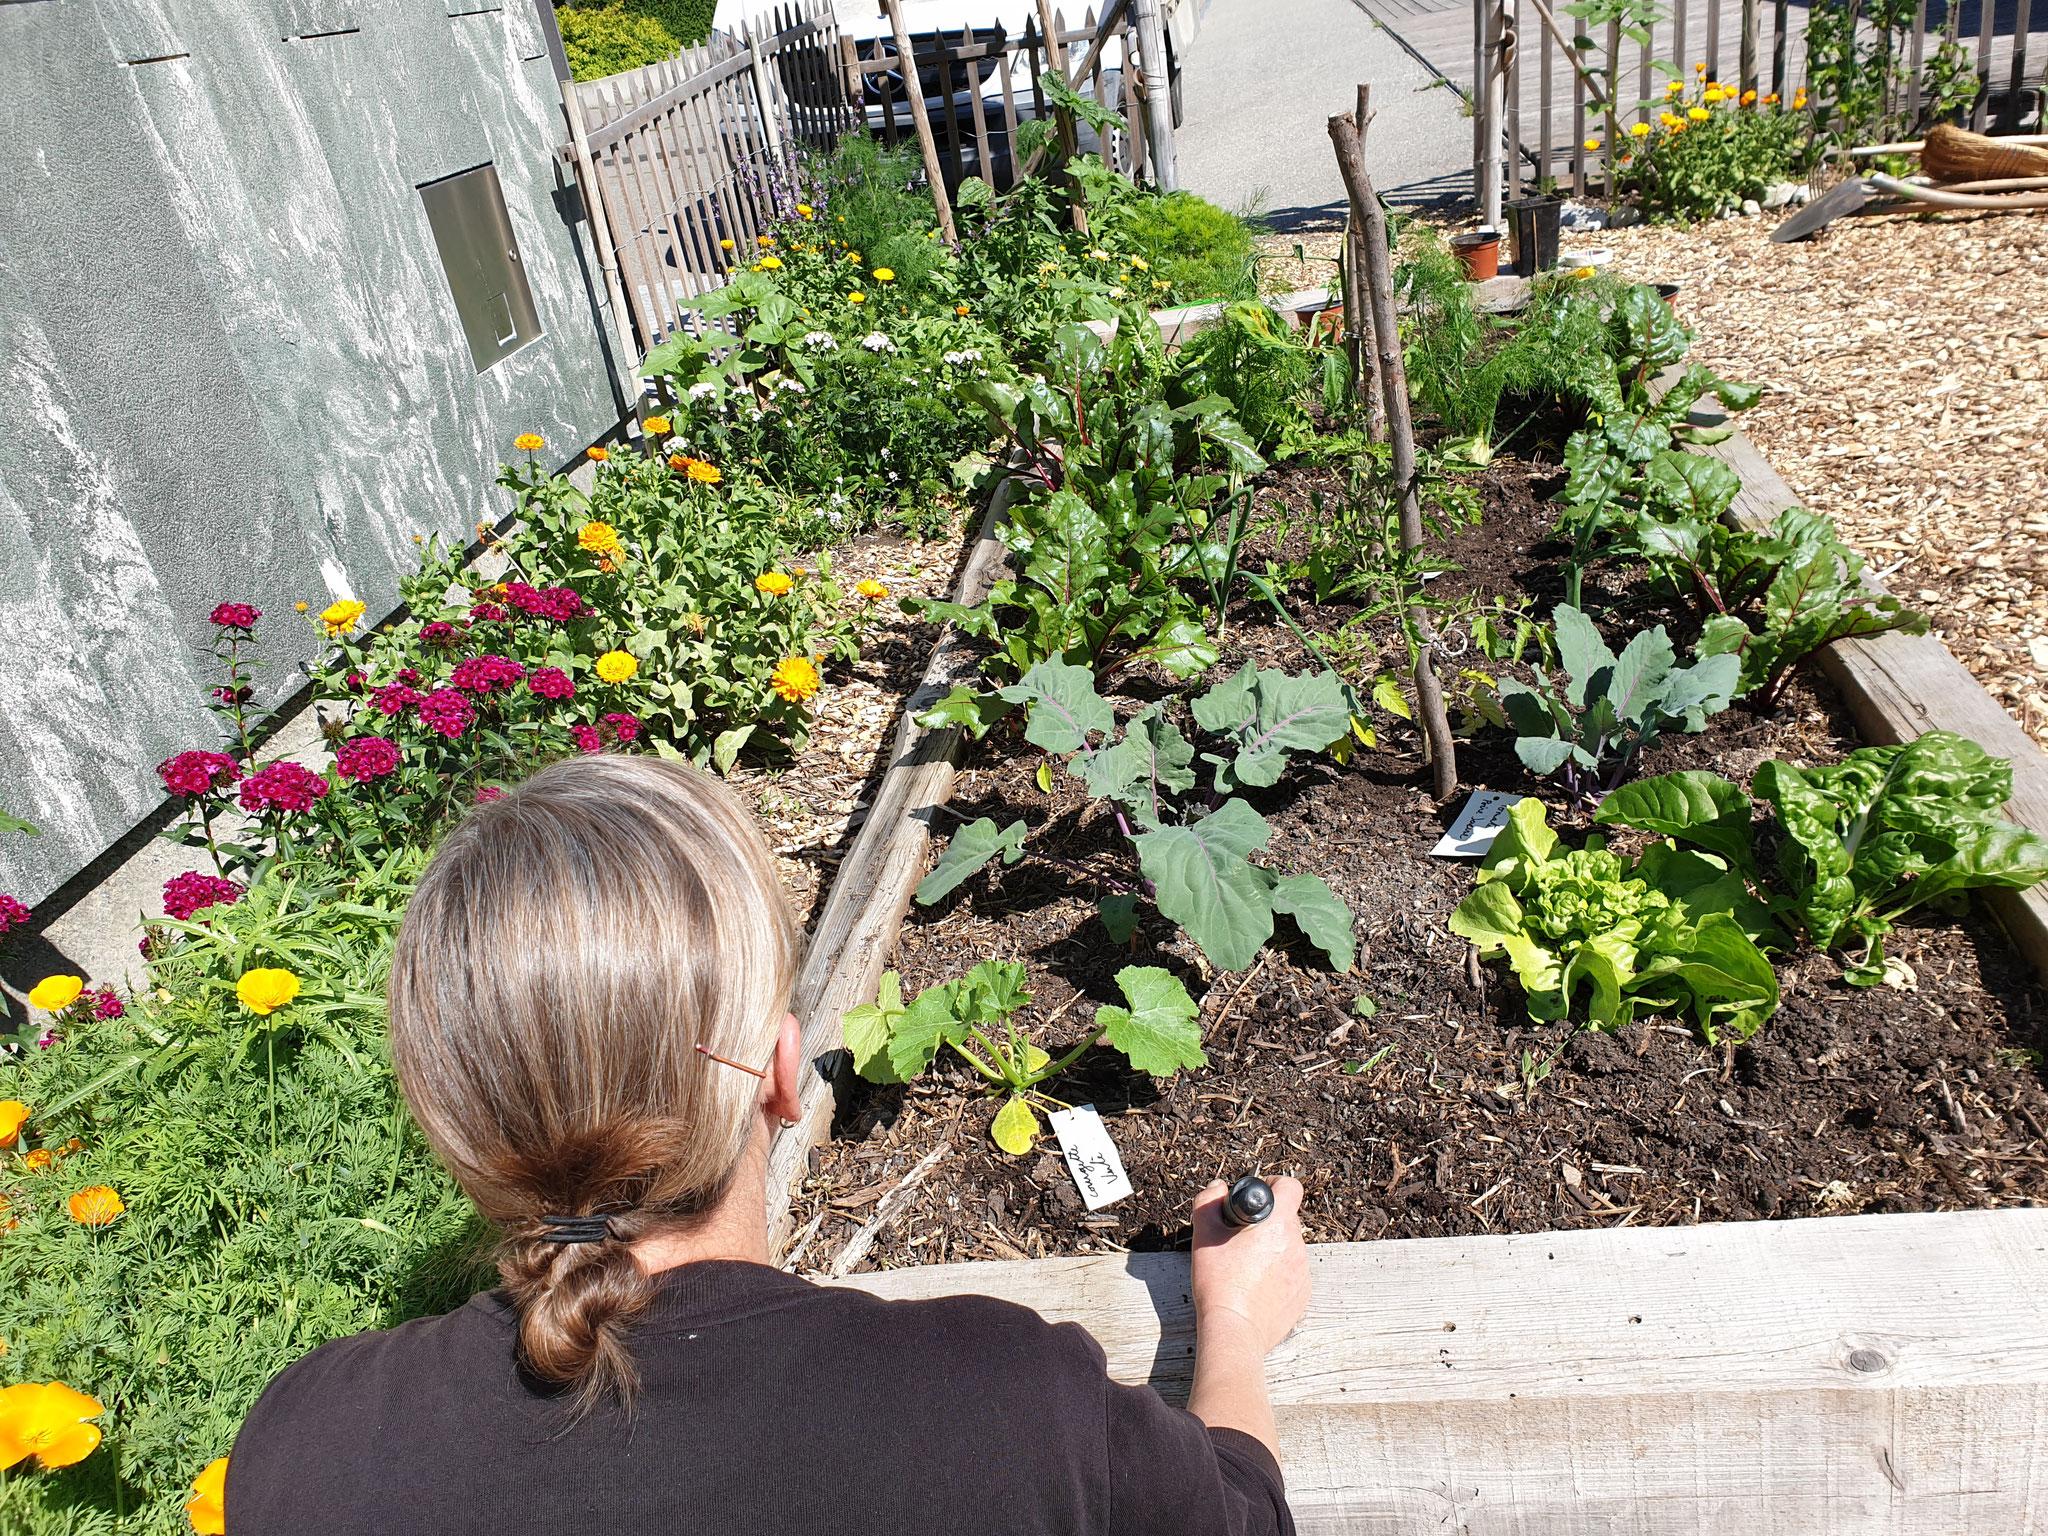 Les plantons  que nous avons bichonnés ce printemps sont enfin en place et prêts à pousser pour vous offrir de bons légumes.